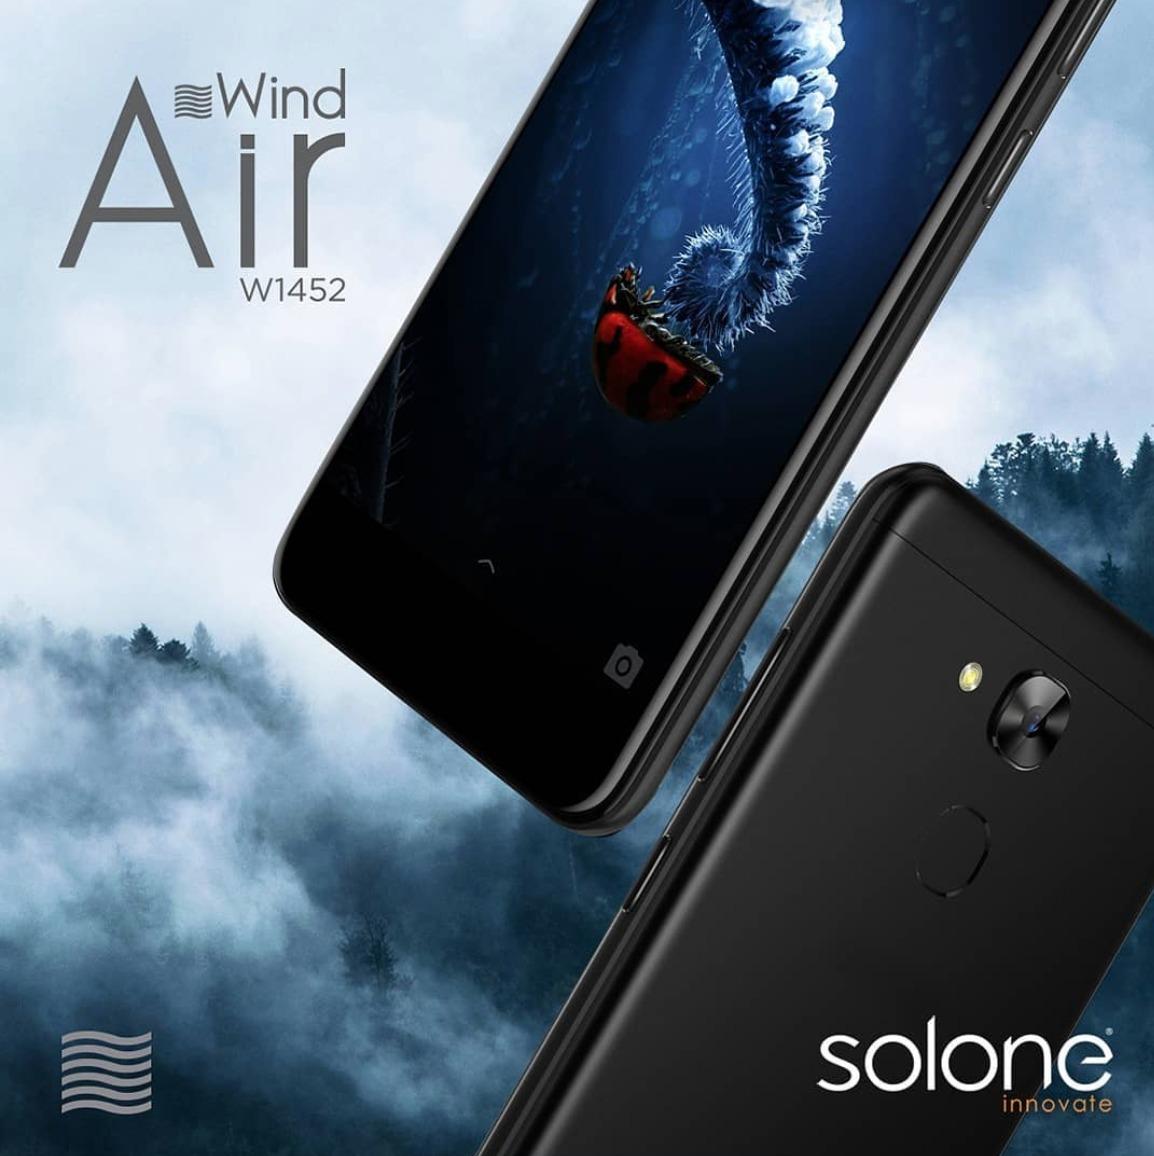 Air Solone